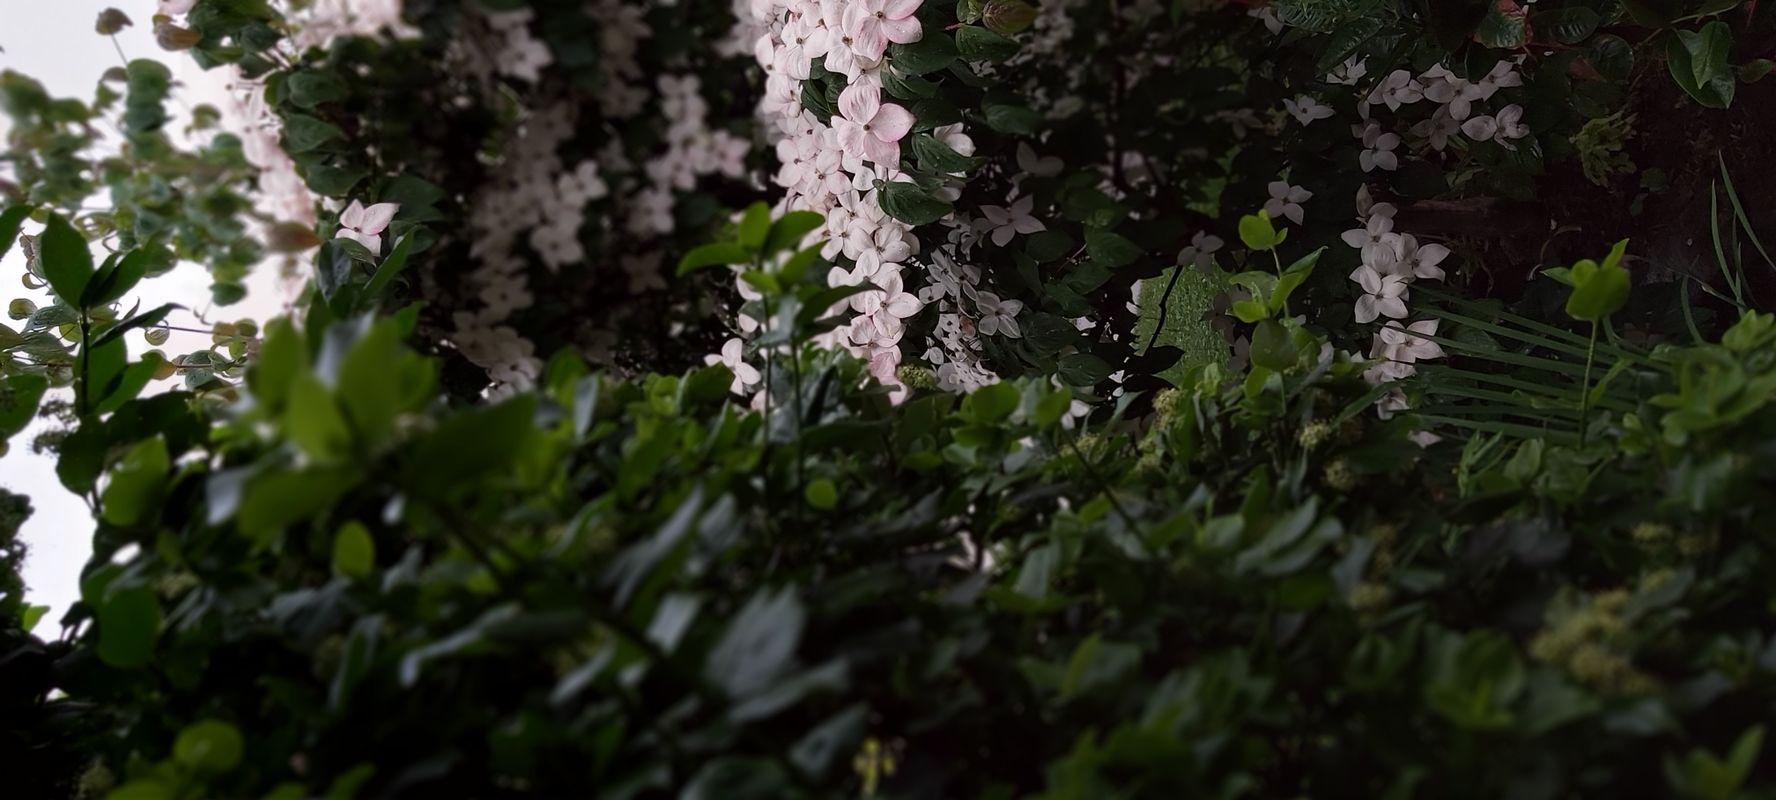 Focused Flowers